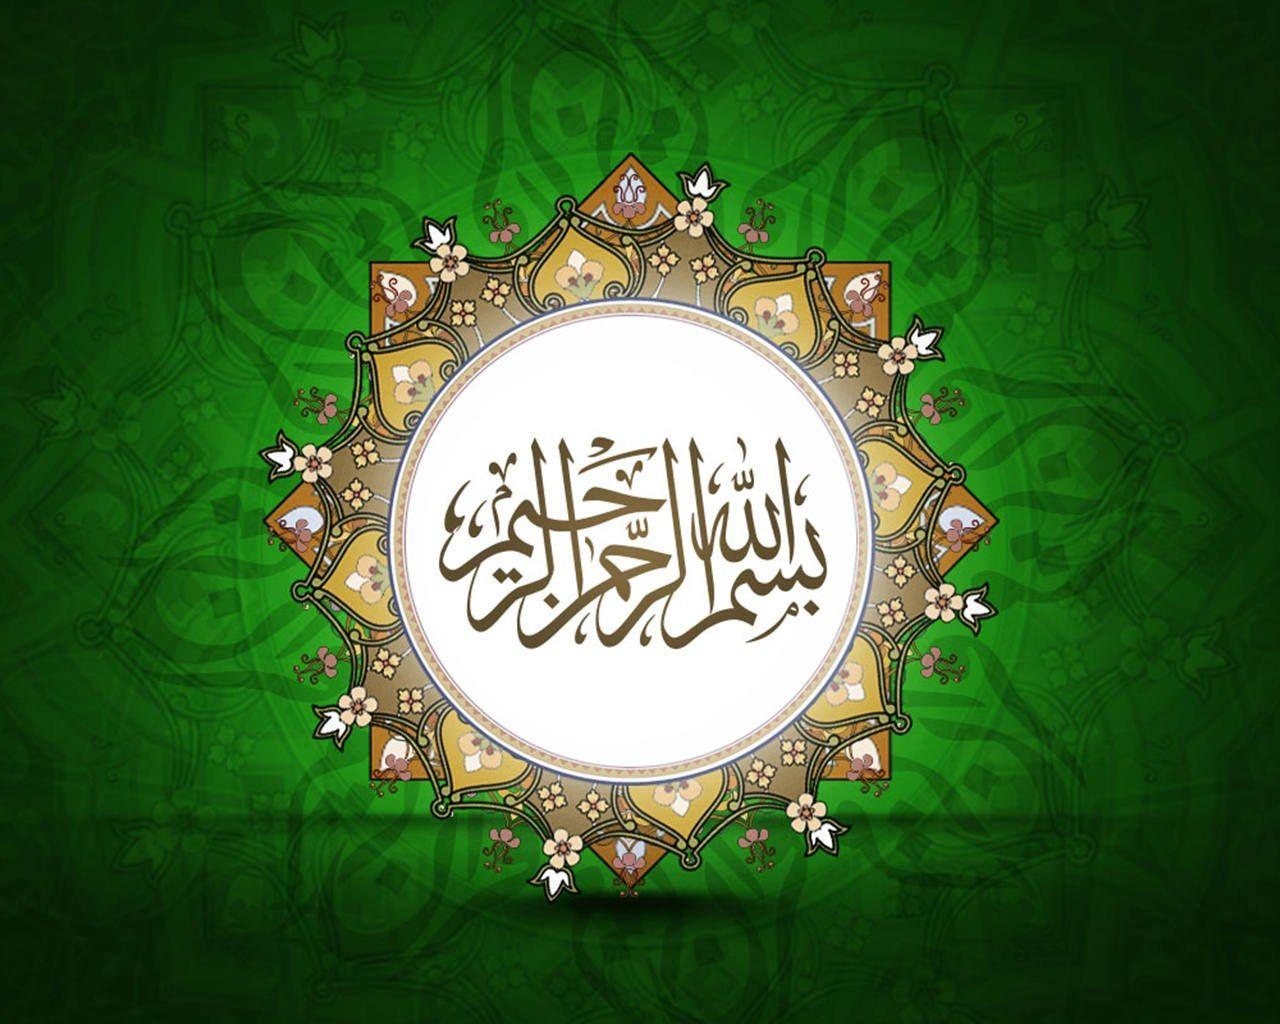 بسم الله الرحمن الرحيم Islamic Wallpaper Hd Islamic Wallpaper Quran Wallpaper